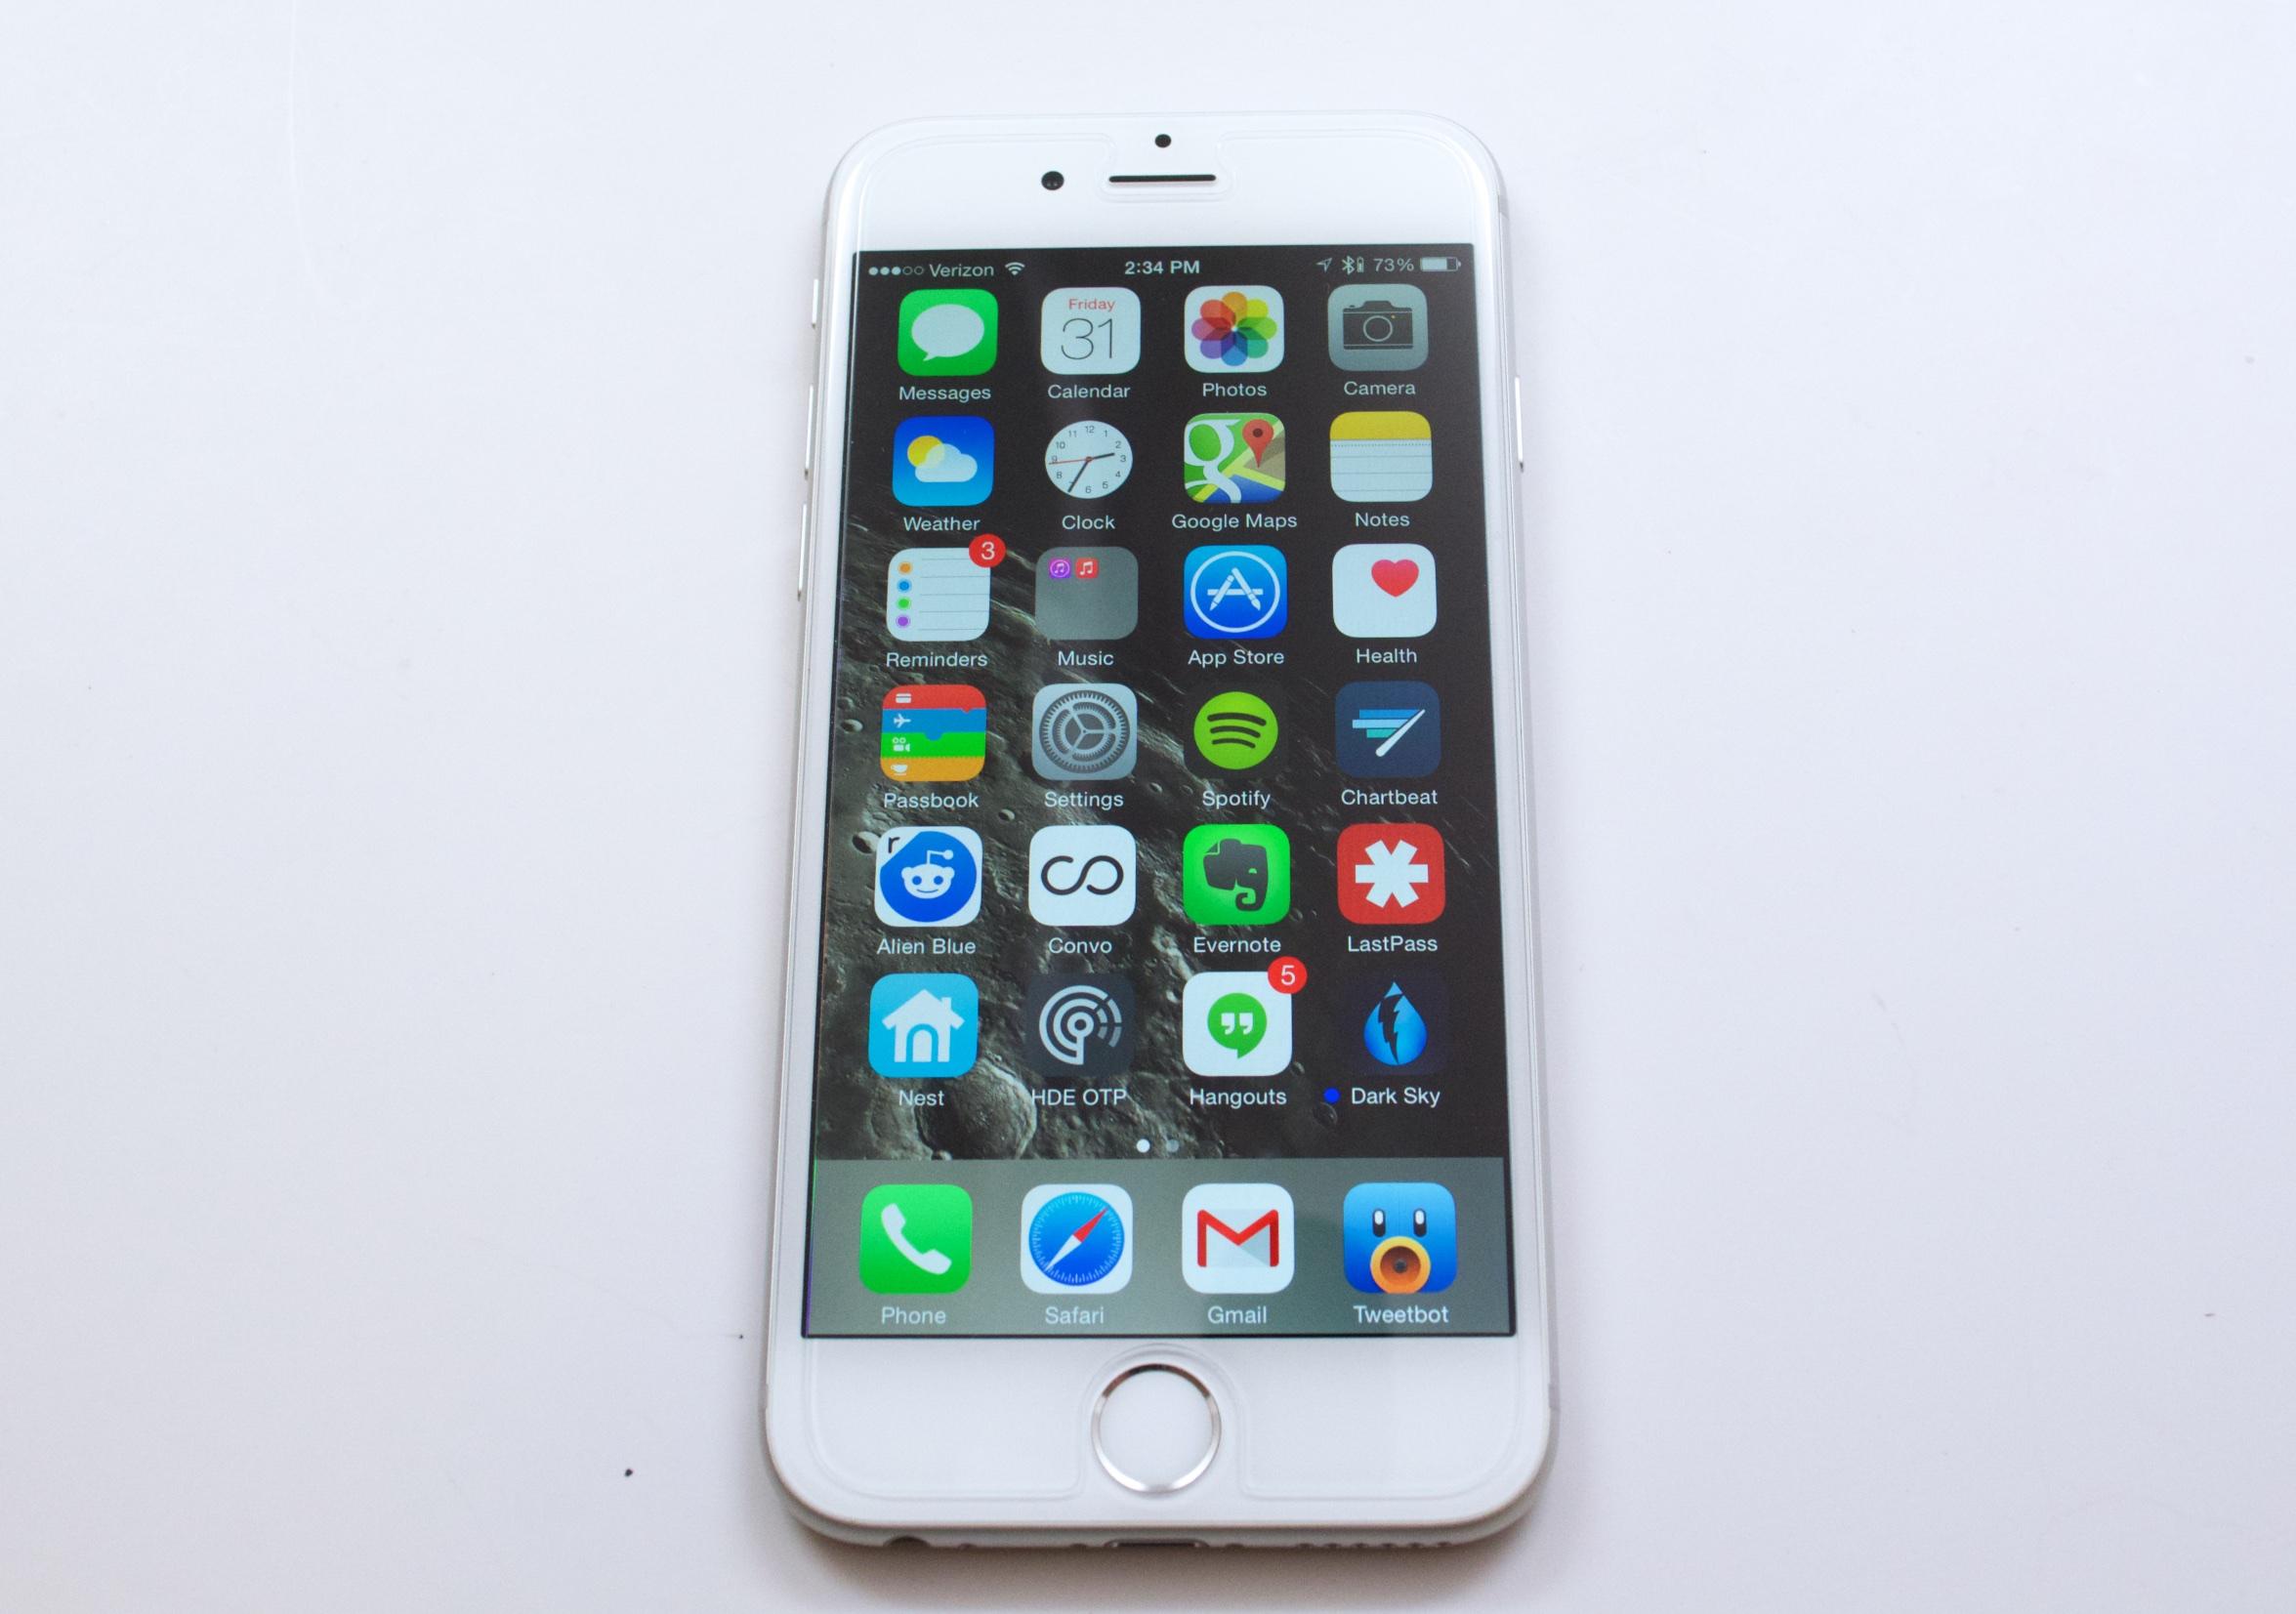 Få stora iPhone 6-erbjudanden i april 2015 på kontrakt och av.